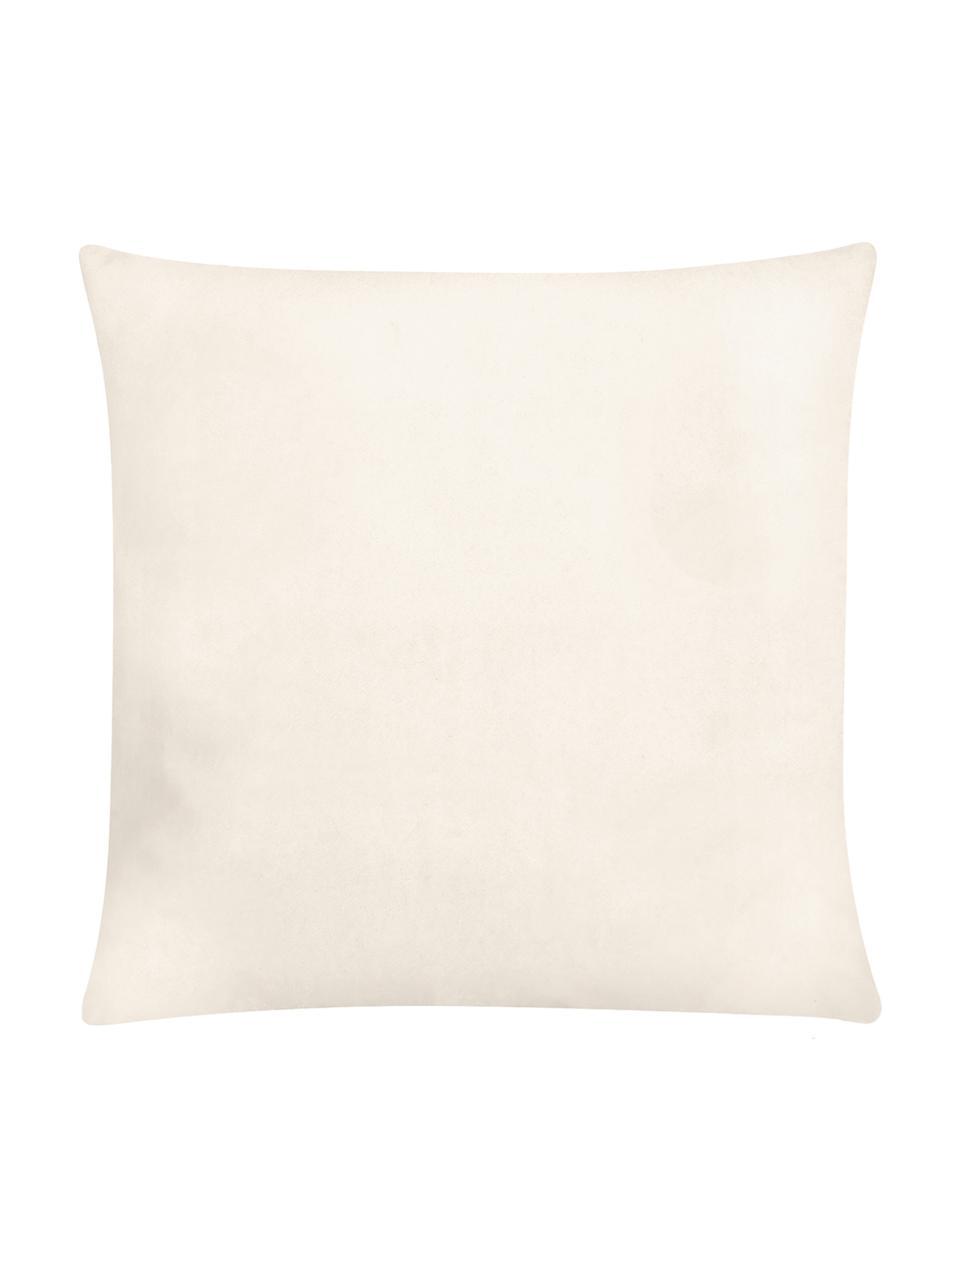 Haftowana poszewka na poduszkę z aksamitu Nora, 100% aksamit poliestrowy, Beżowy, S 45 x D 45 cm